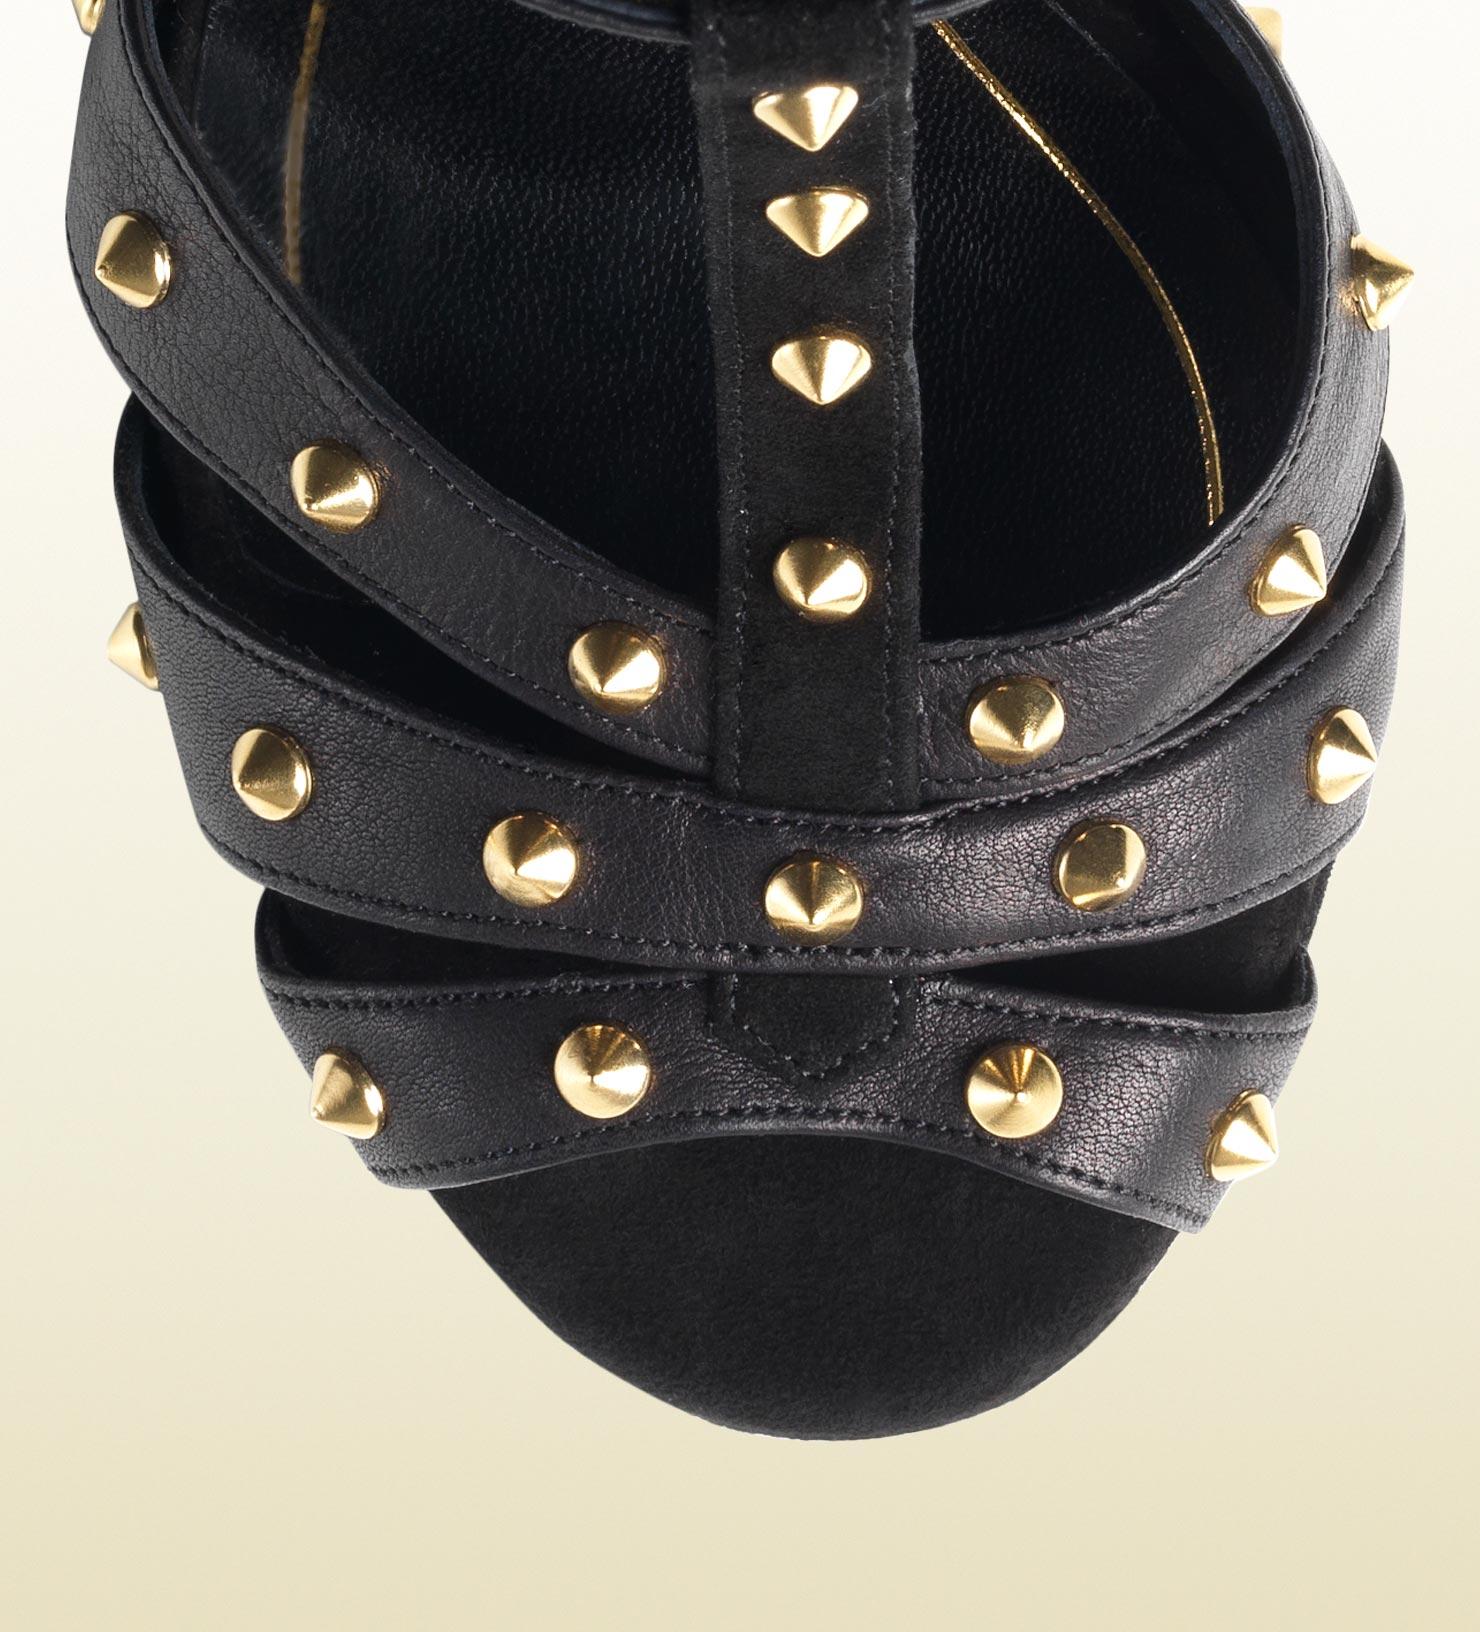 f57136c557 Gucci Jacquelyne Studded Strappy High Heel Platform Sandal in Black ...